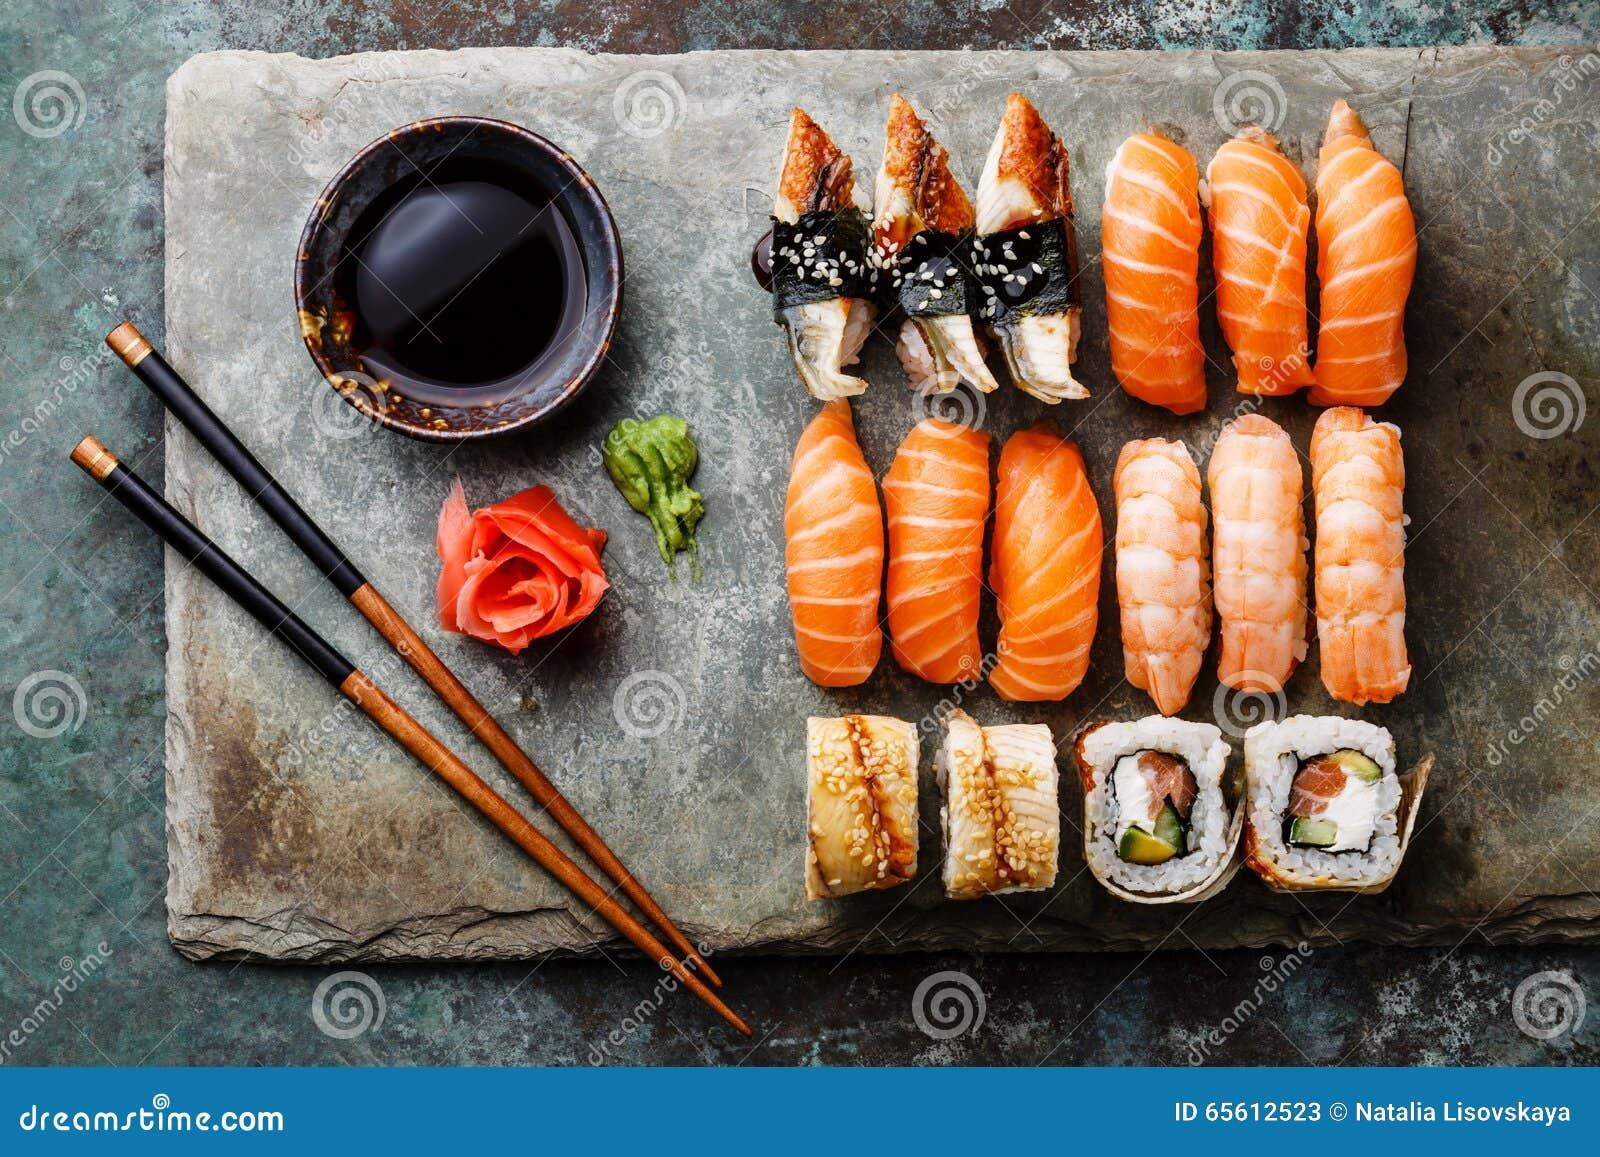 Sushi rolls set on stone slate